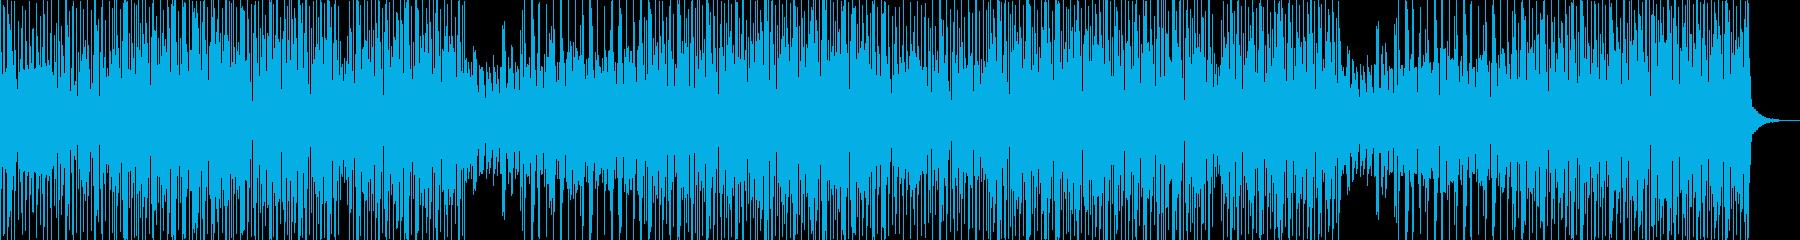 軽快、お便りコーナー等のポップなBGMの再生済みの波形